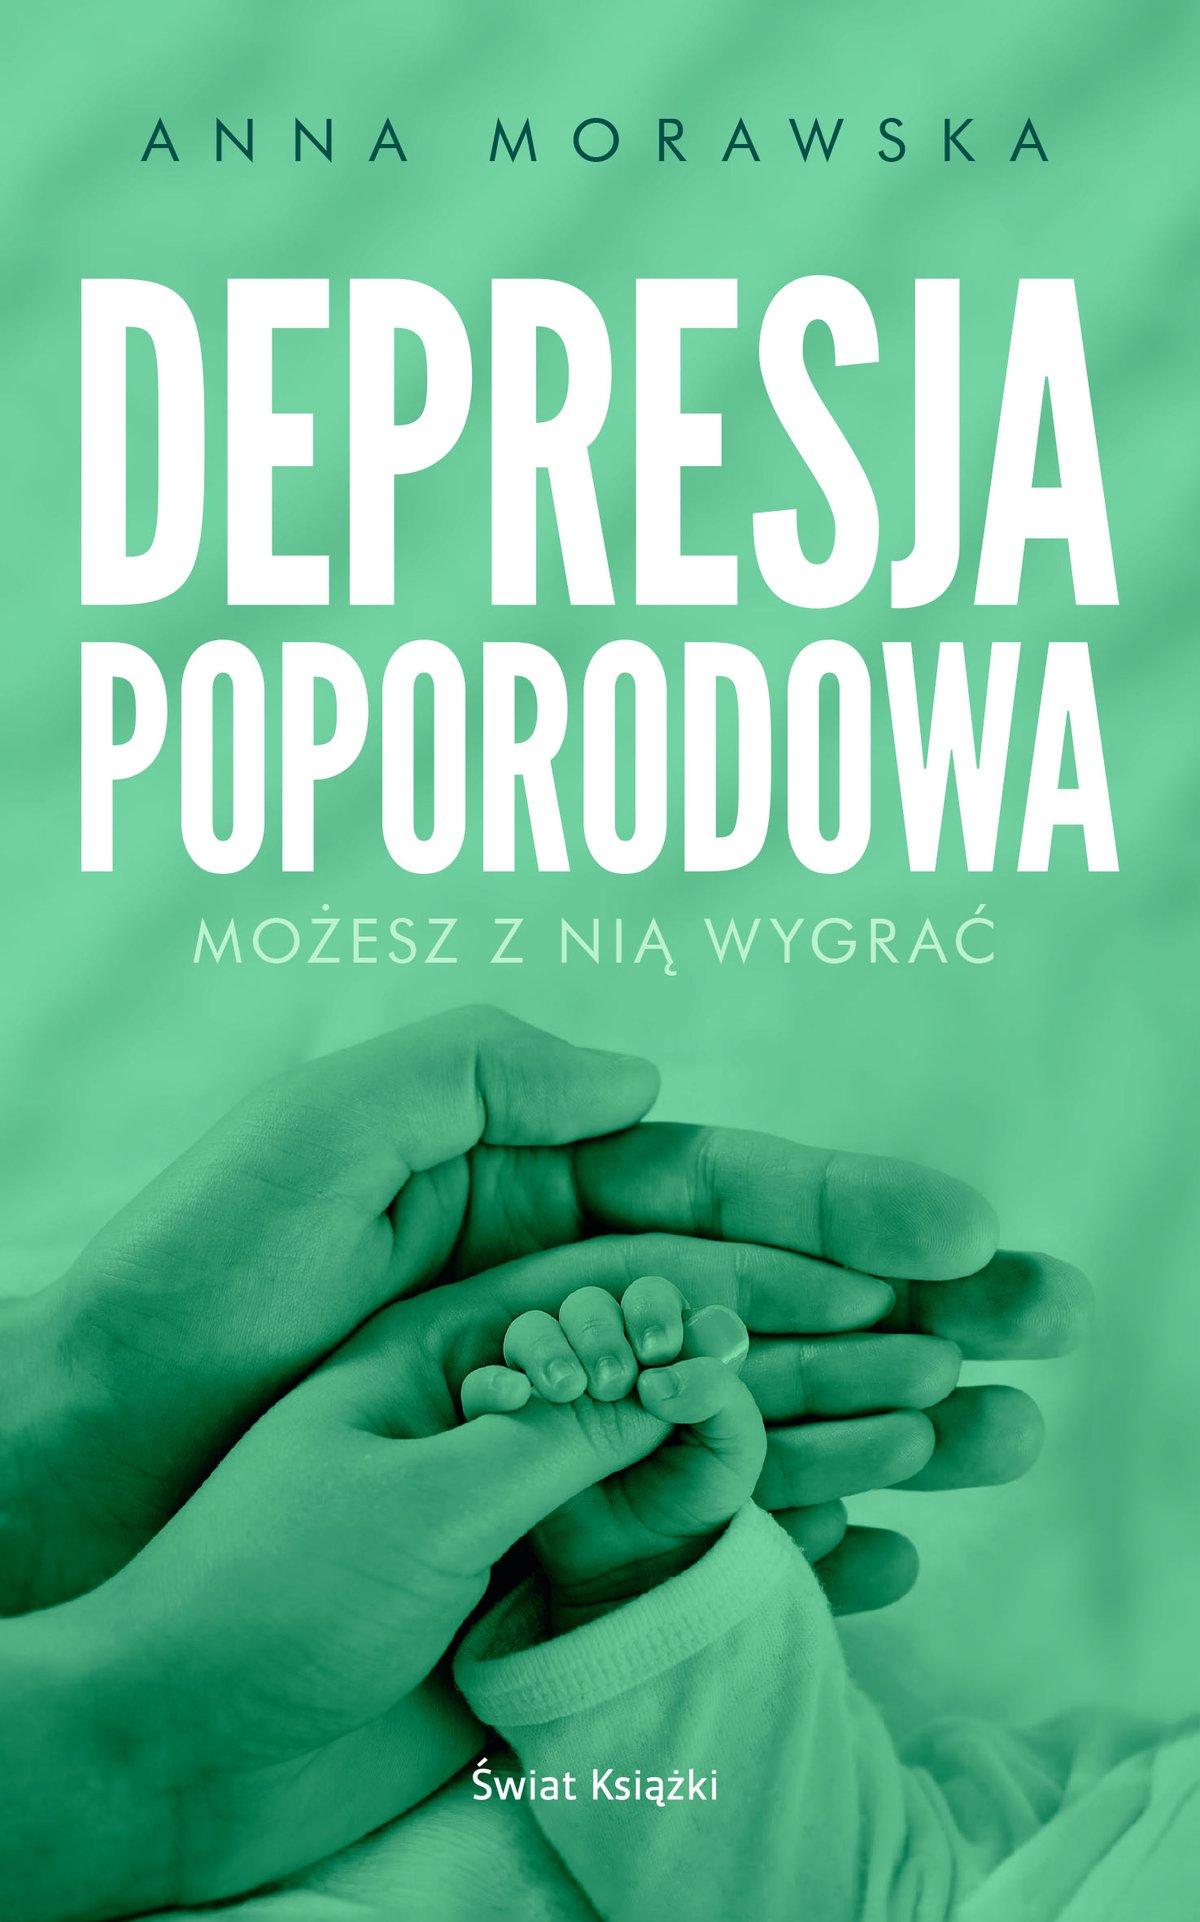 Depresja poporodowa - Ebook (Książka EPUB) do pobrania w formacie EPUB